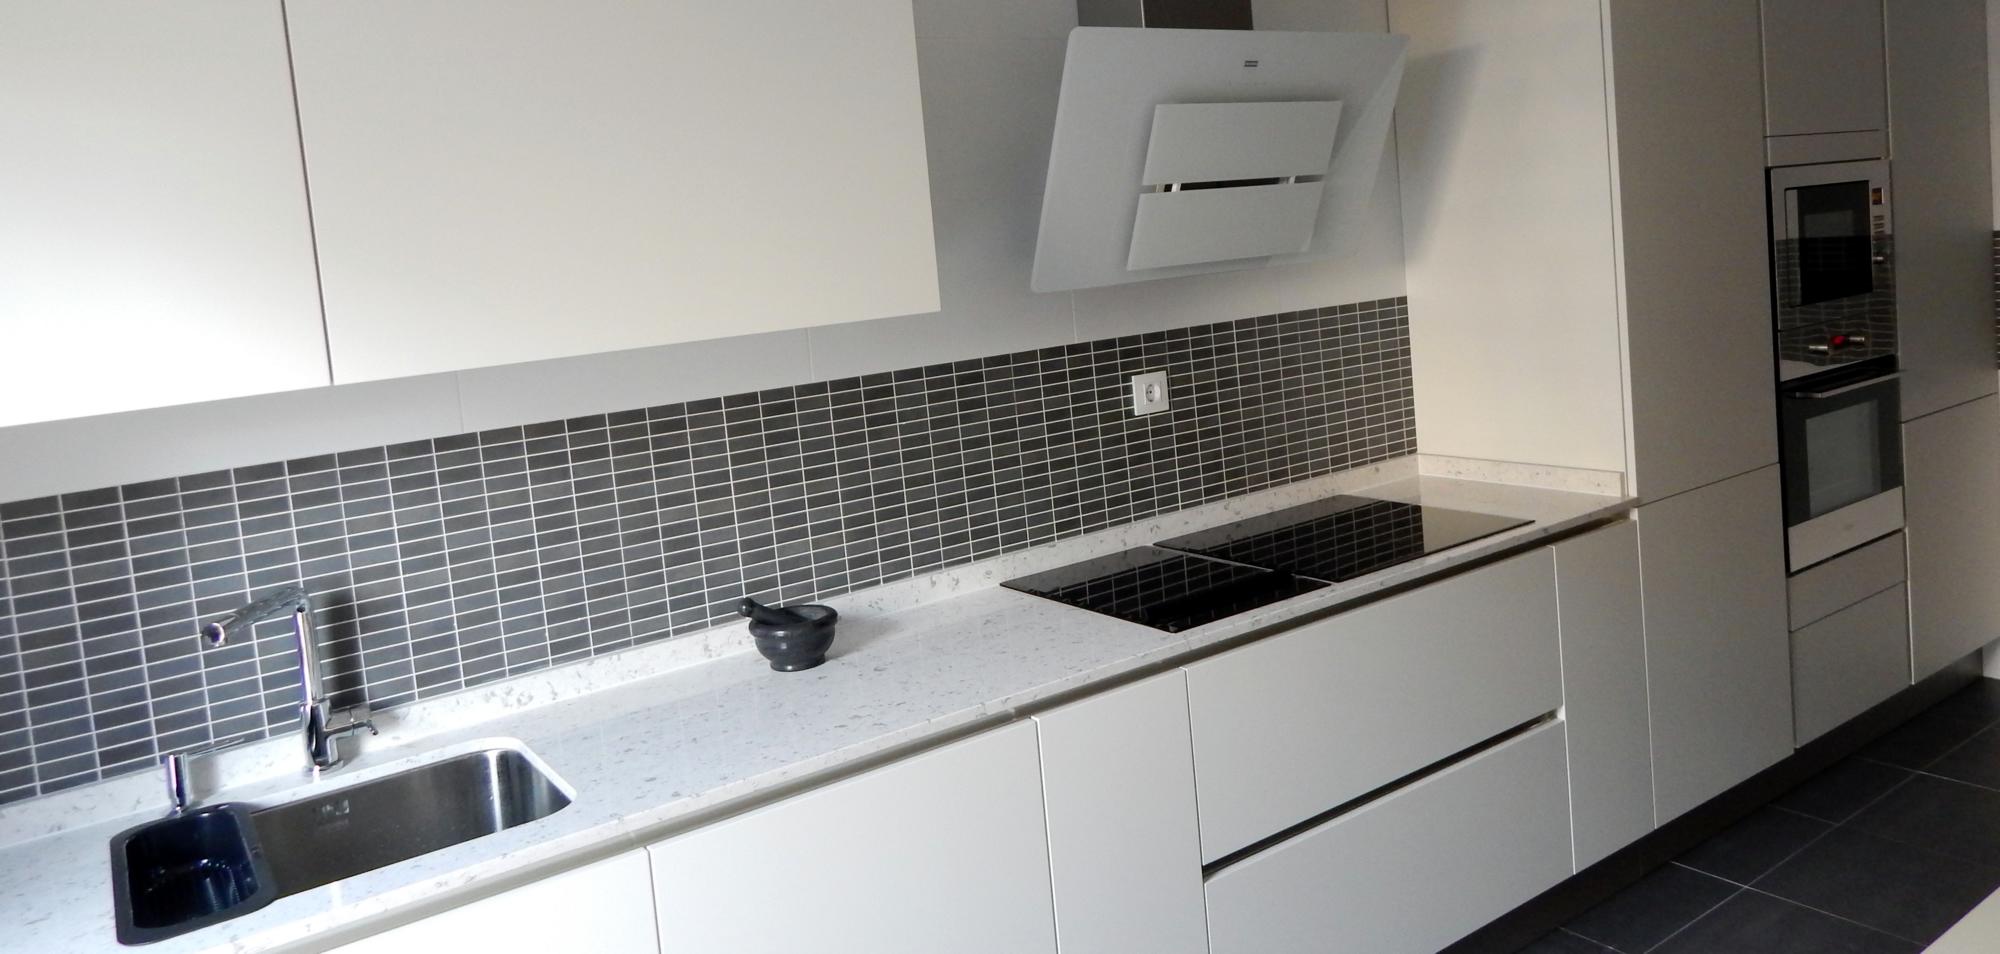 Muebles De Cocina Modelo Lasser Con Gola Cocinasalemanas Com # Muebles Tirador